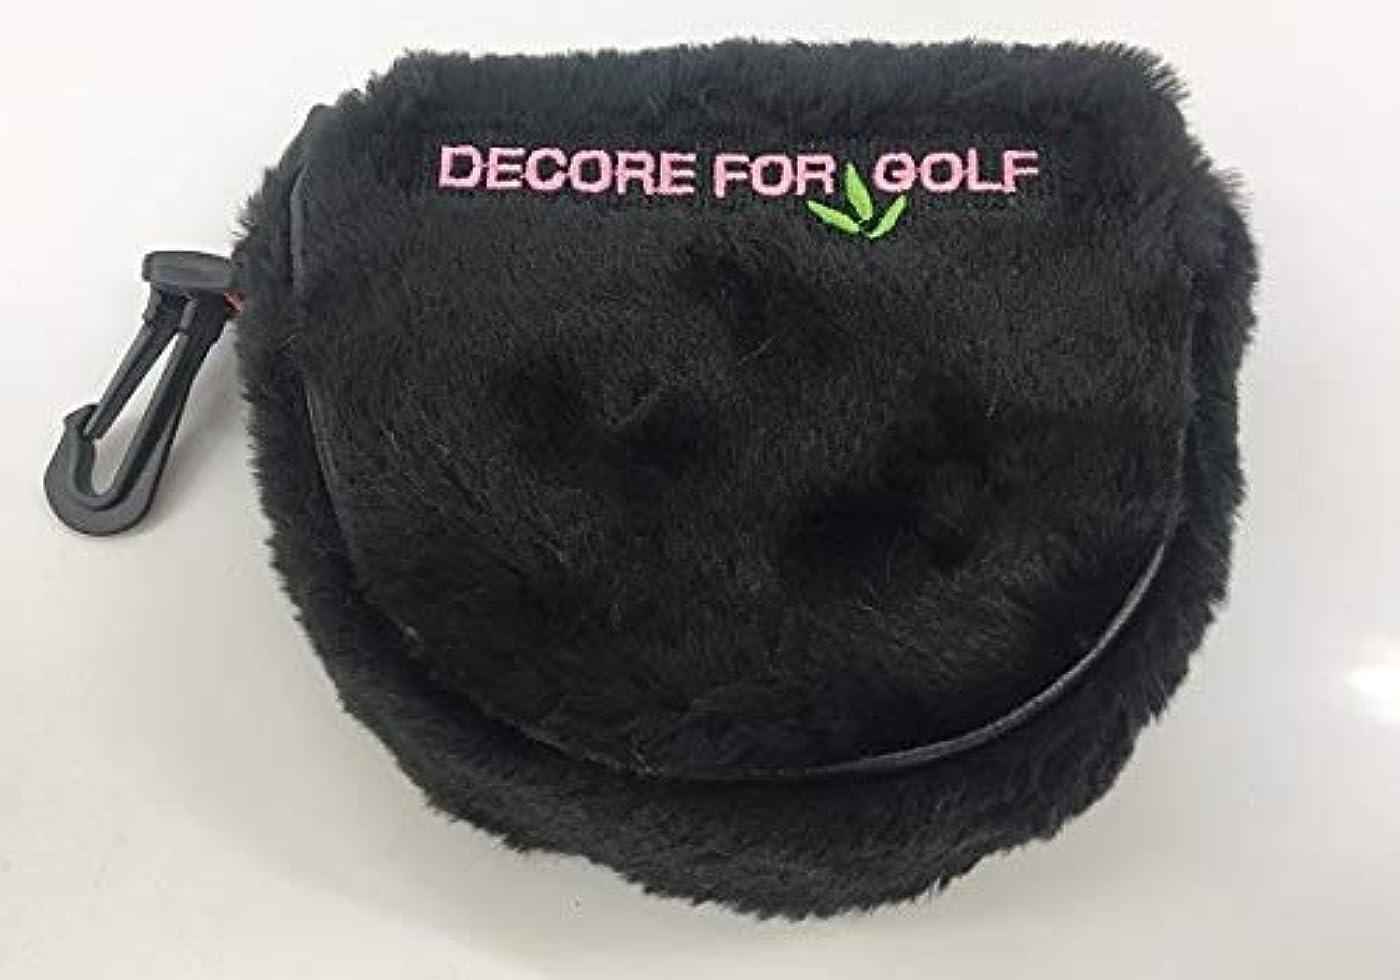 破滅的な矢じり破裂パターカバー ゴルフ ヘッドカバー マレット タイプ カラーマーカー付 DECORE FOR GOLF デコレフォーゴルフ